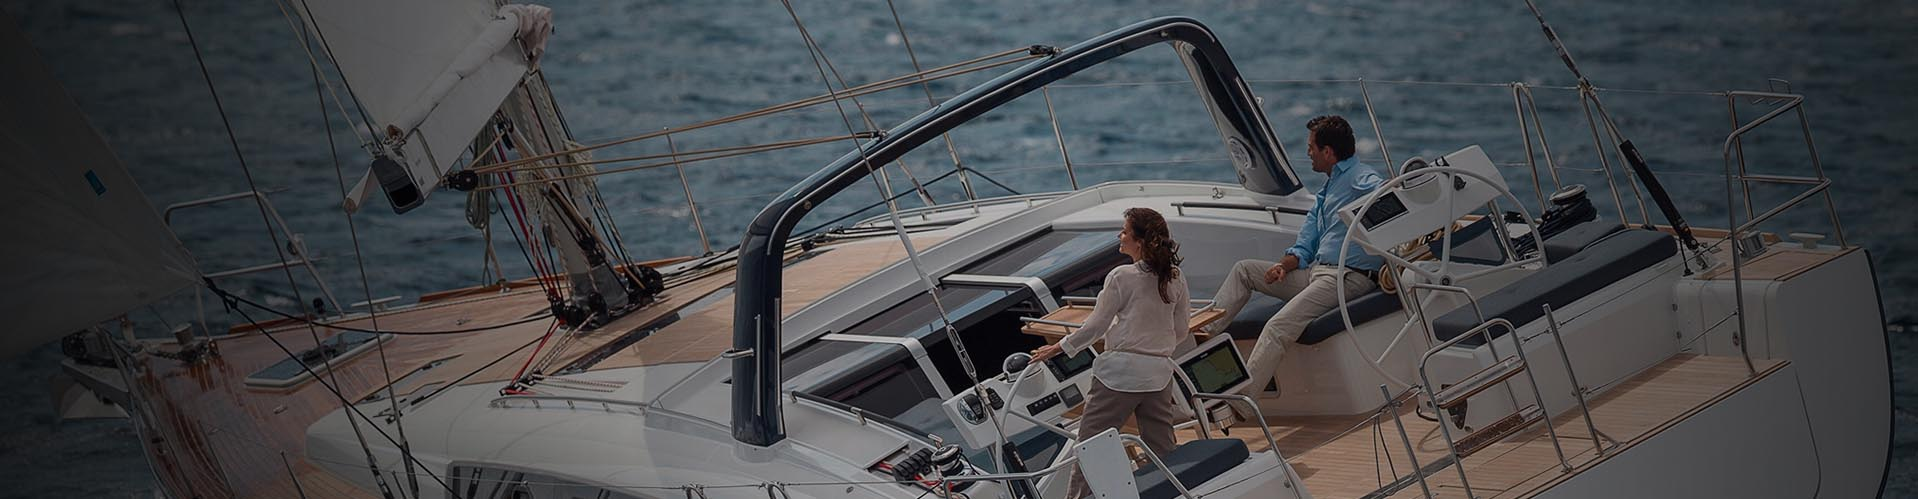 Yachtcharter mit Skipper und viel mehr… Wir machen Ihren Segelurlaub einfach und angenehm.